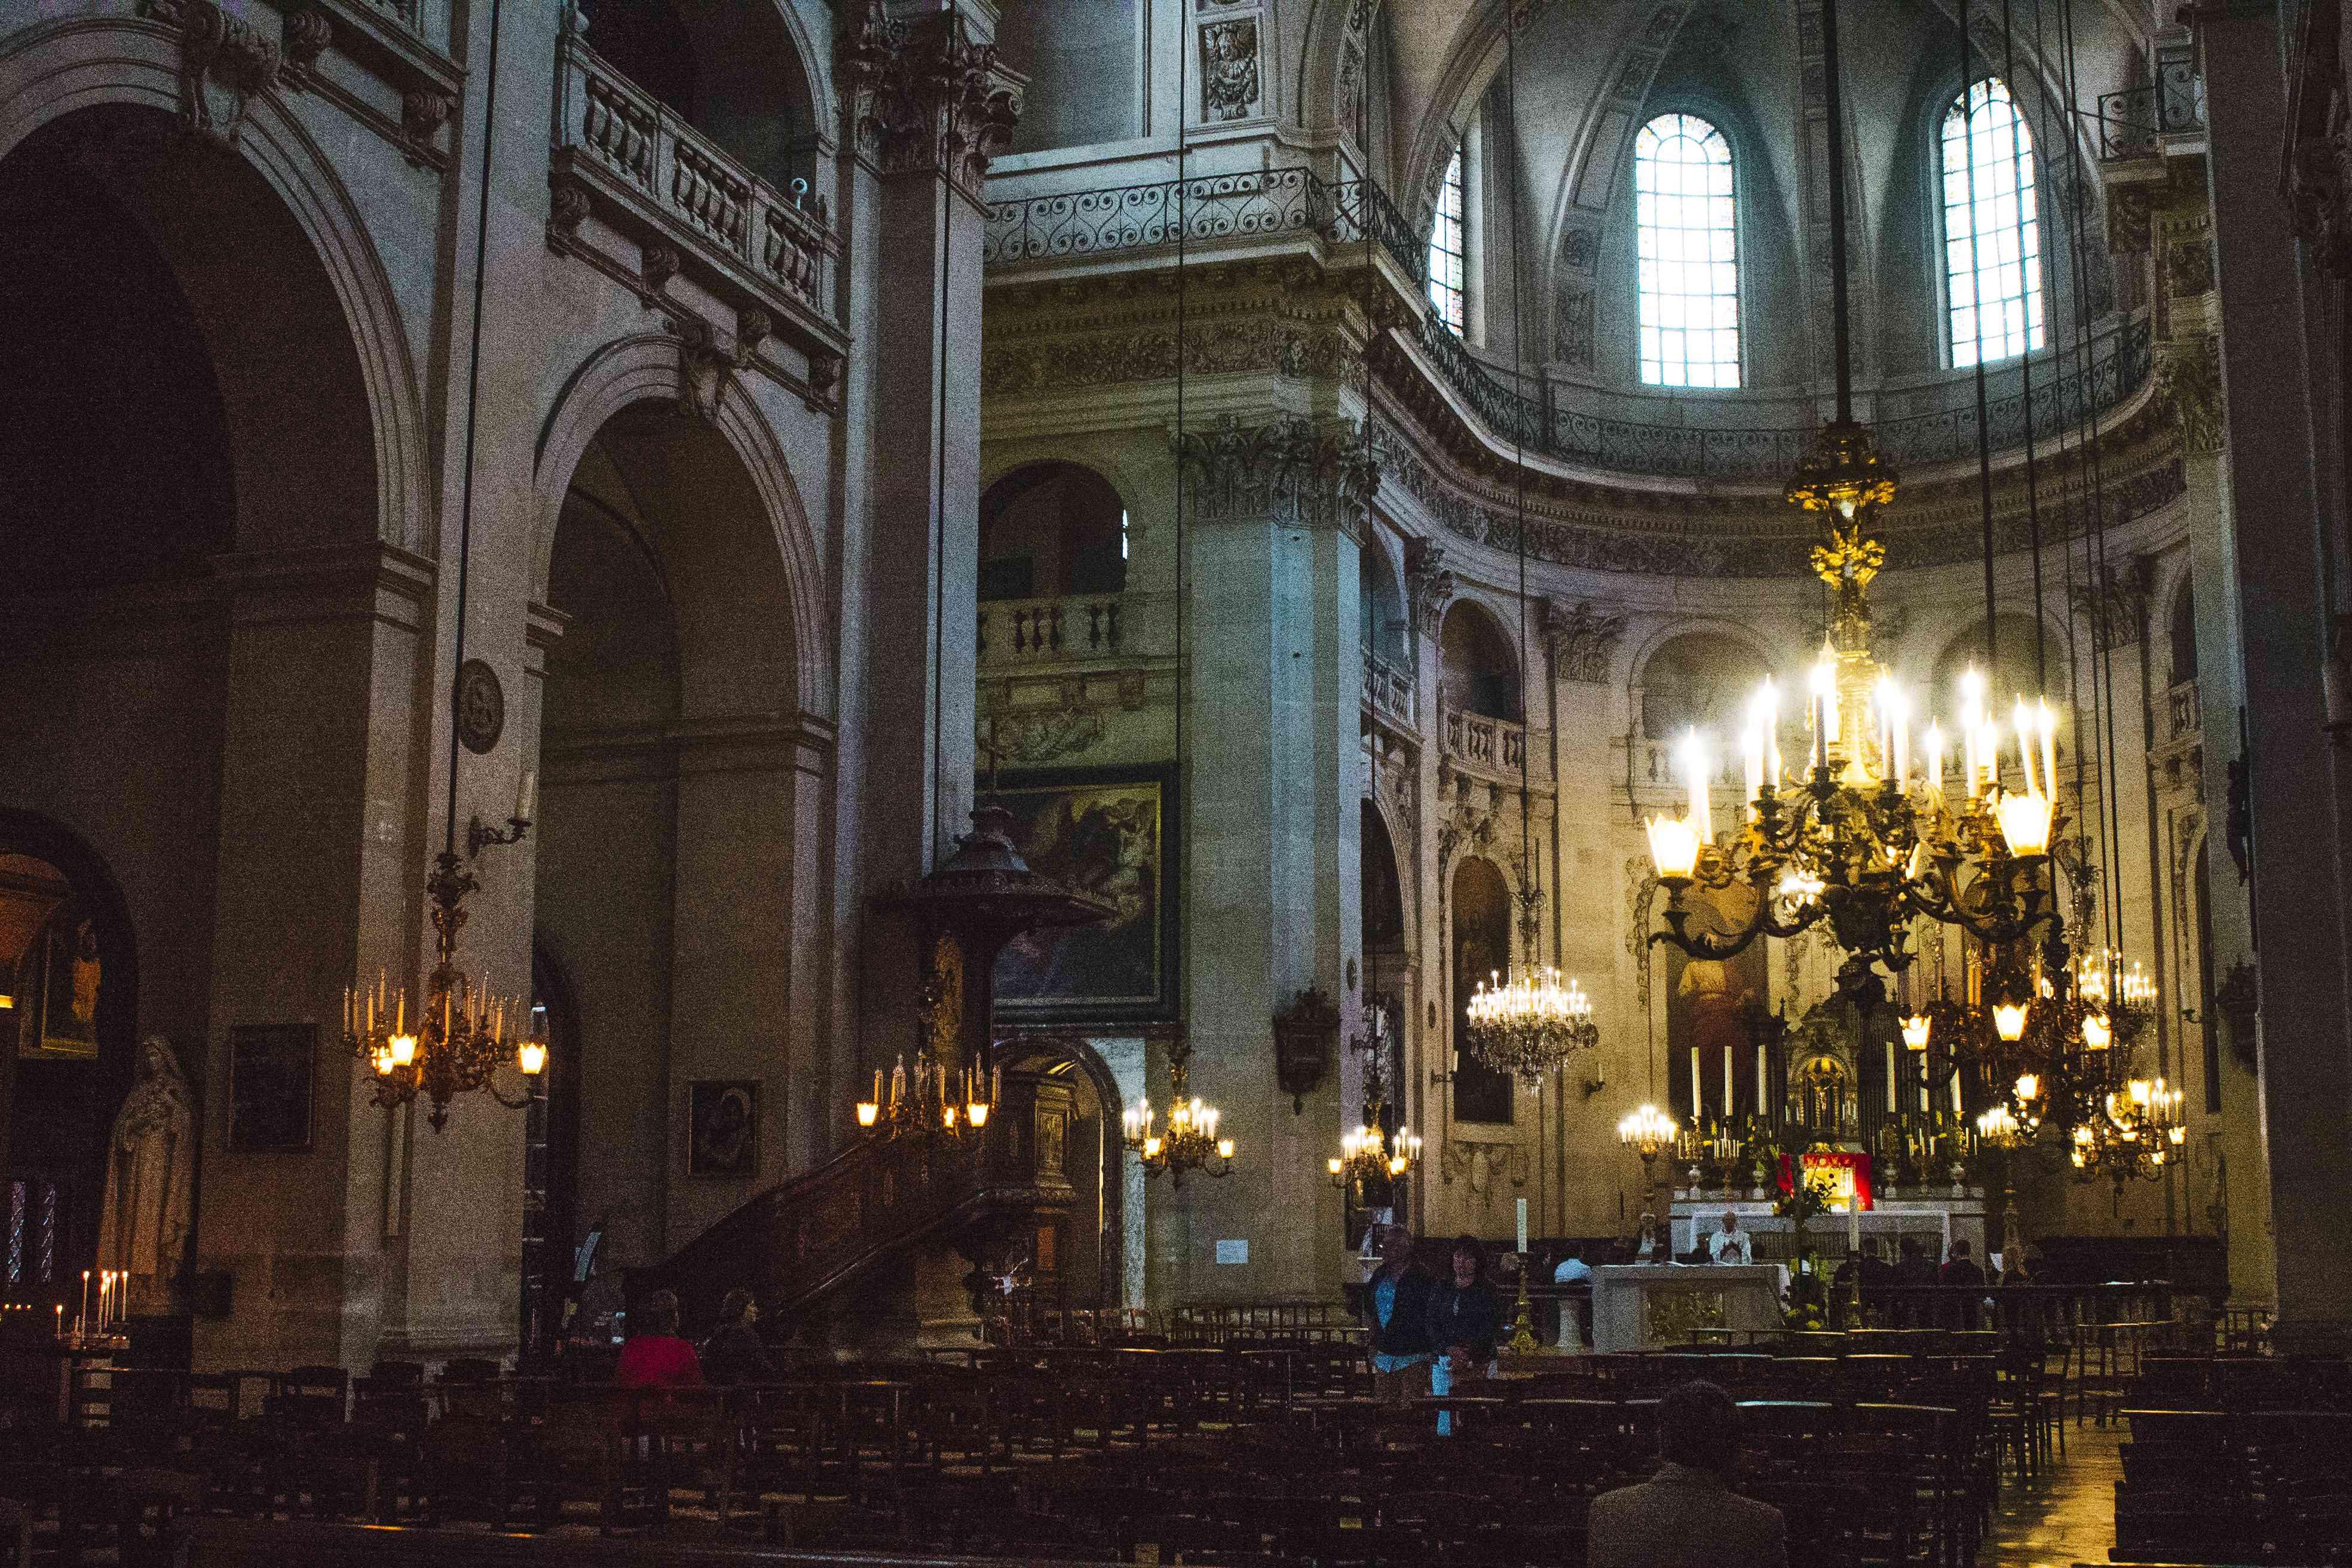 Inside Saint-Paul Saint-Louis Church